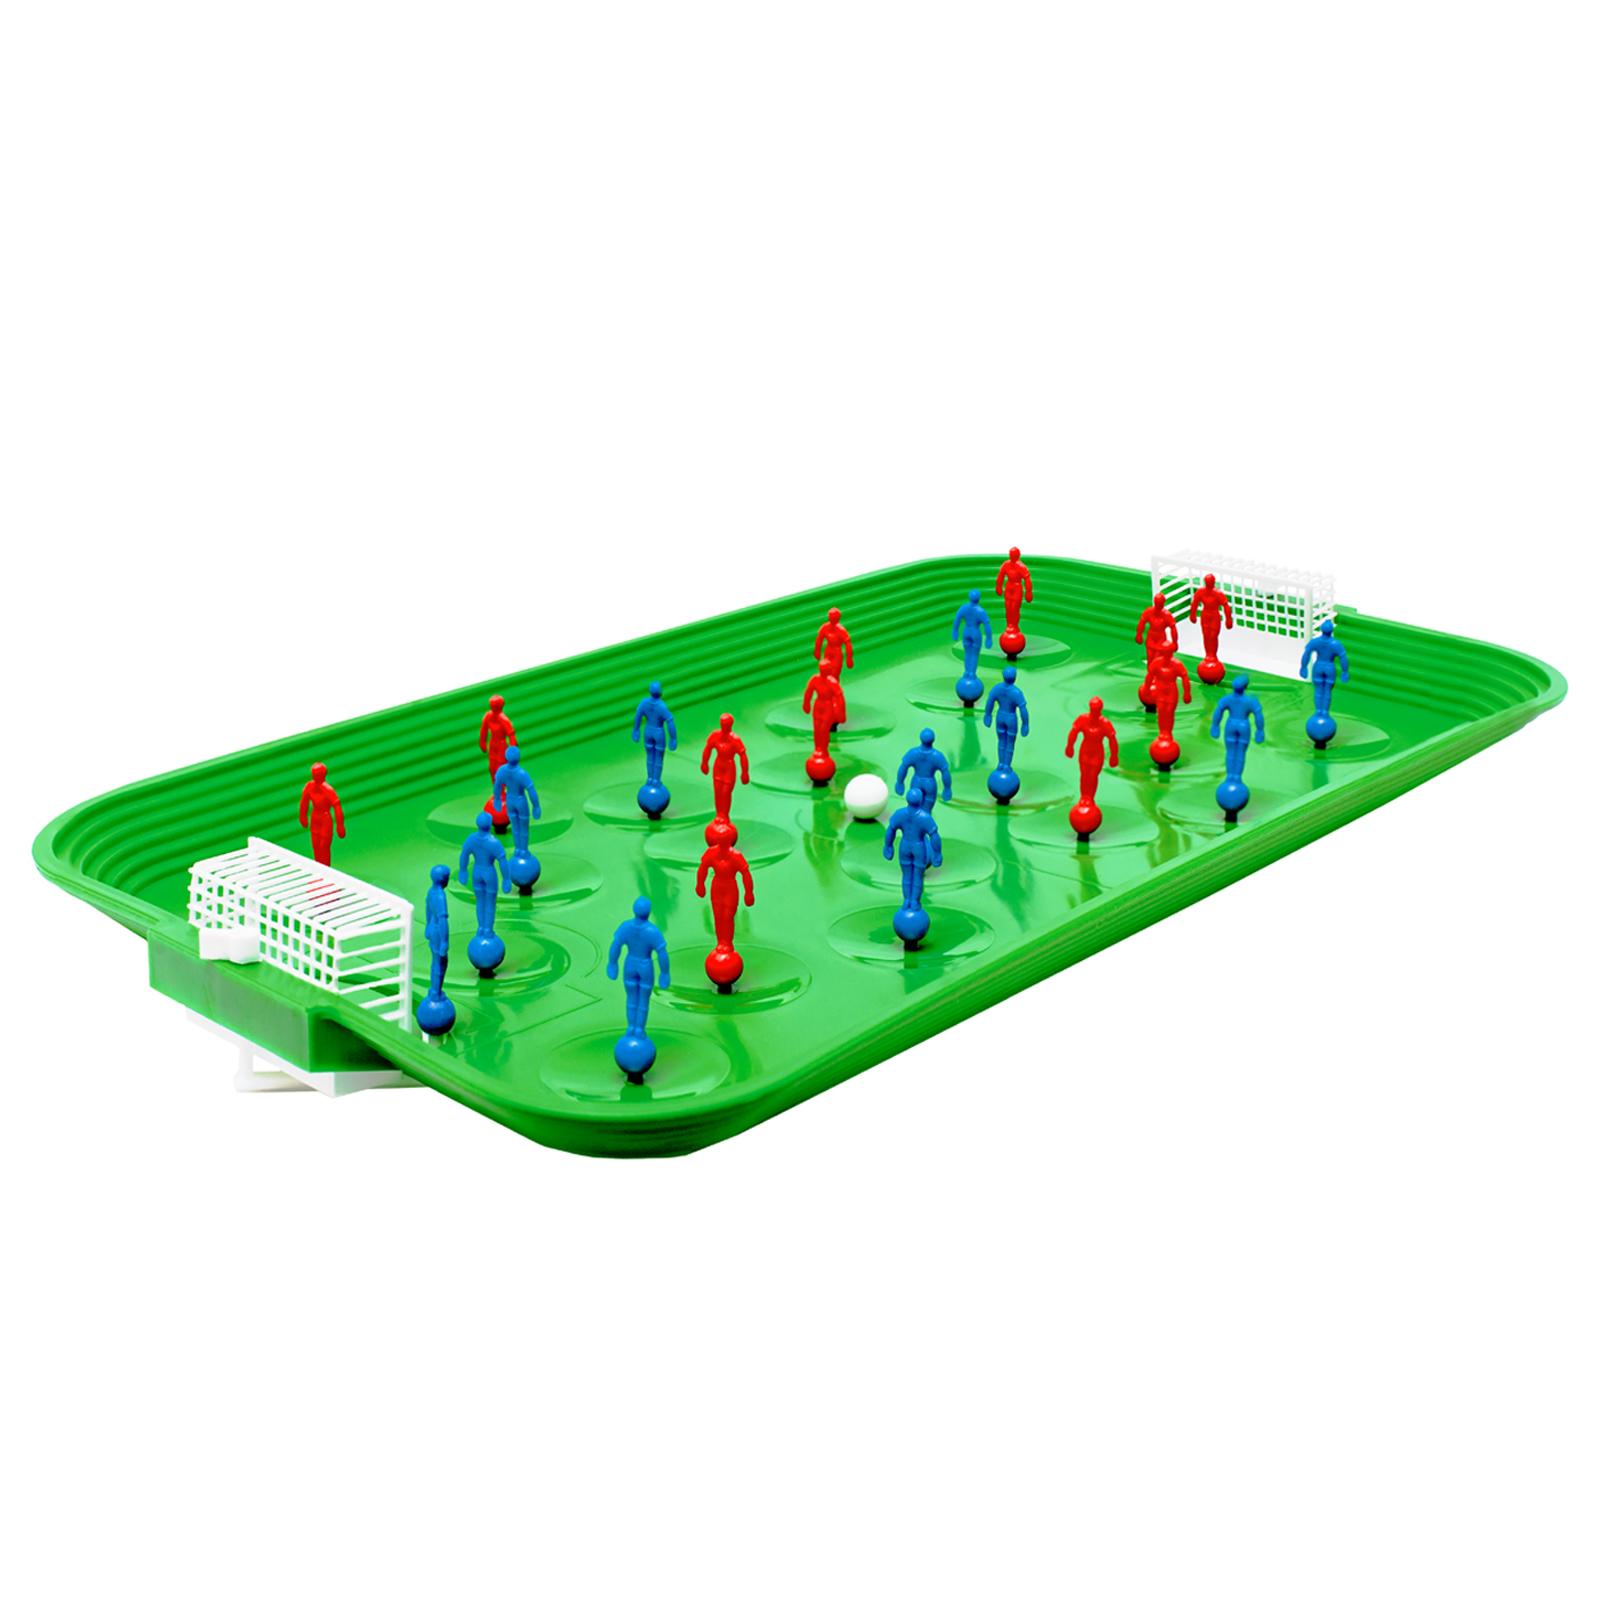 Настольная игра Технок Суперфутбол (946) изображение 2